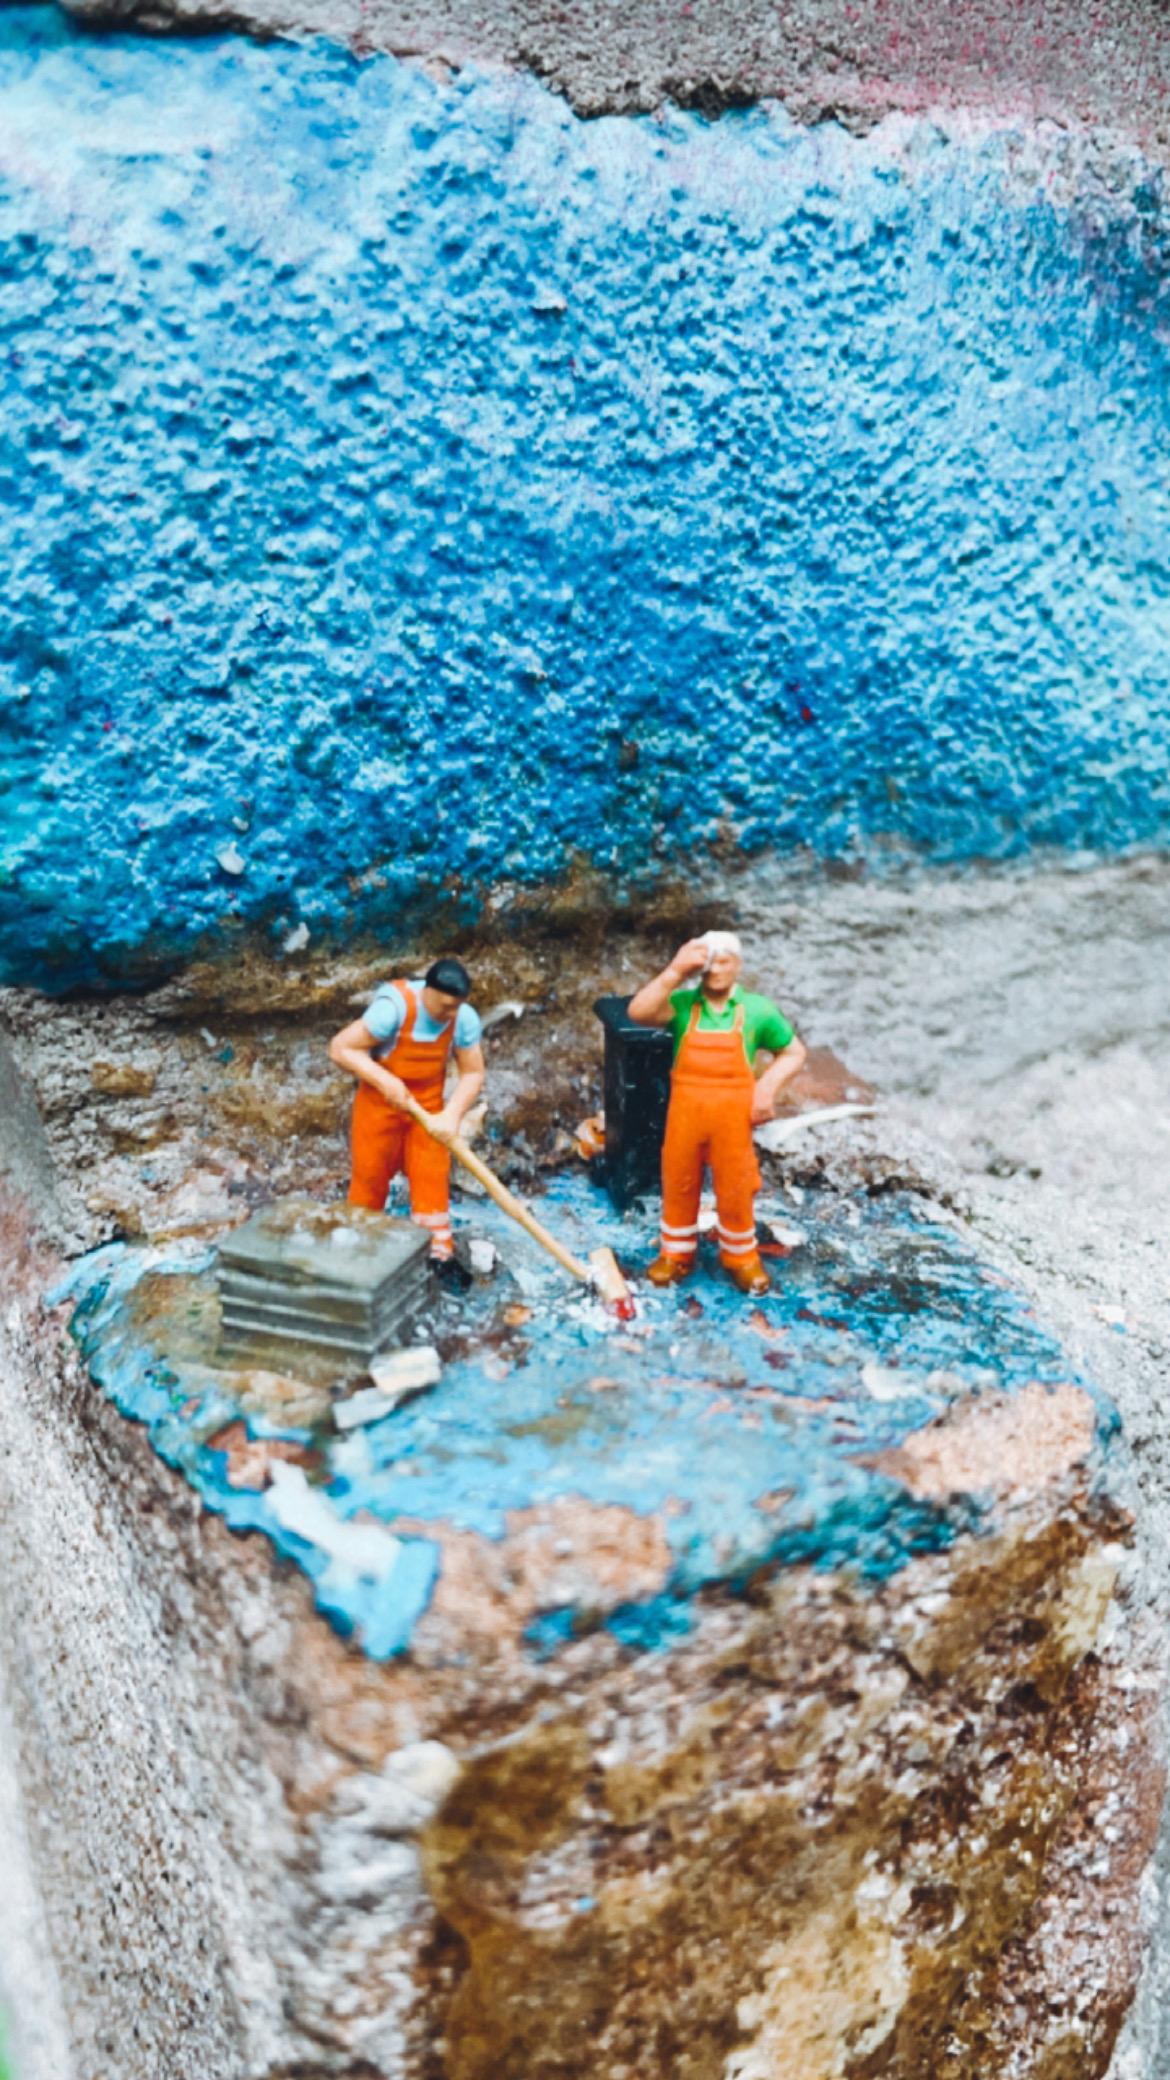 leeuwarden streetart miniature people